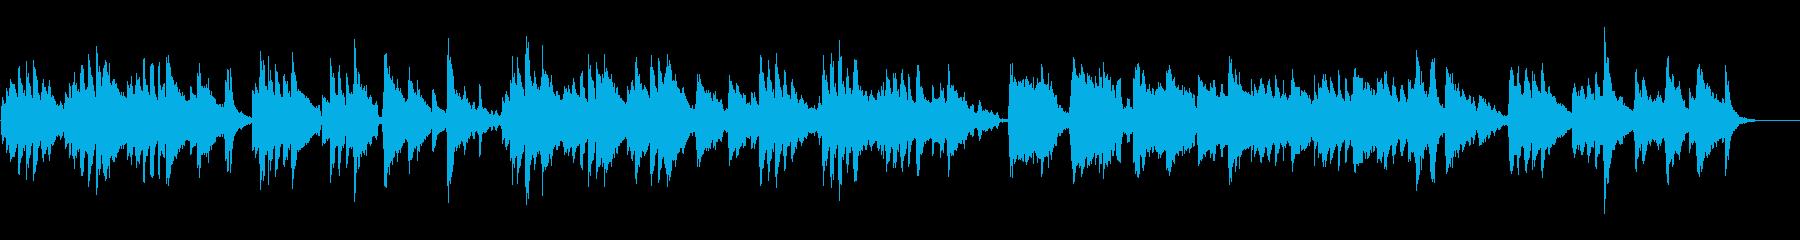 ジャズ 静か クール ハイテク ア...の再生済みの波形